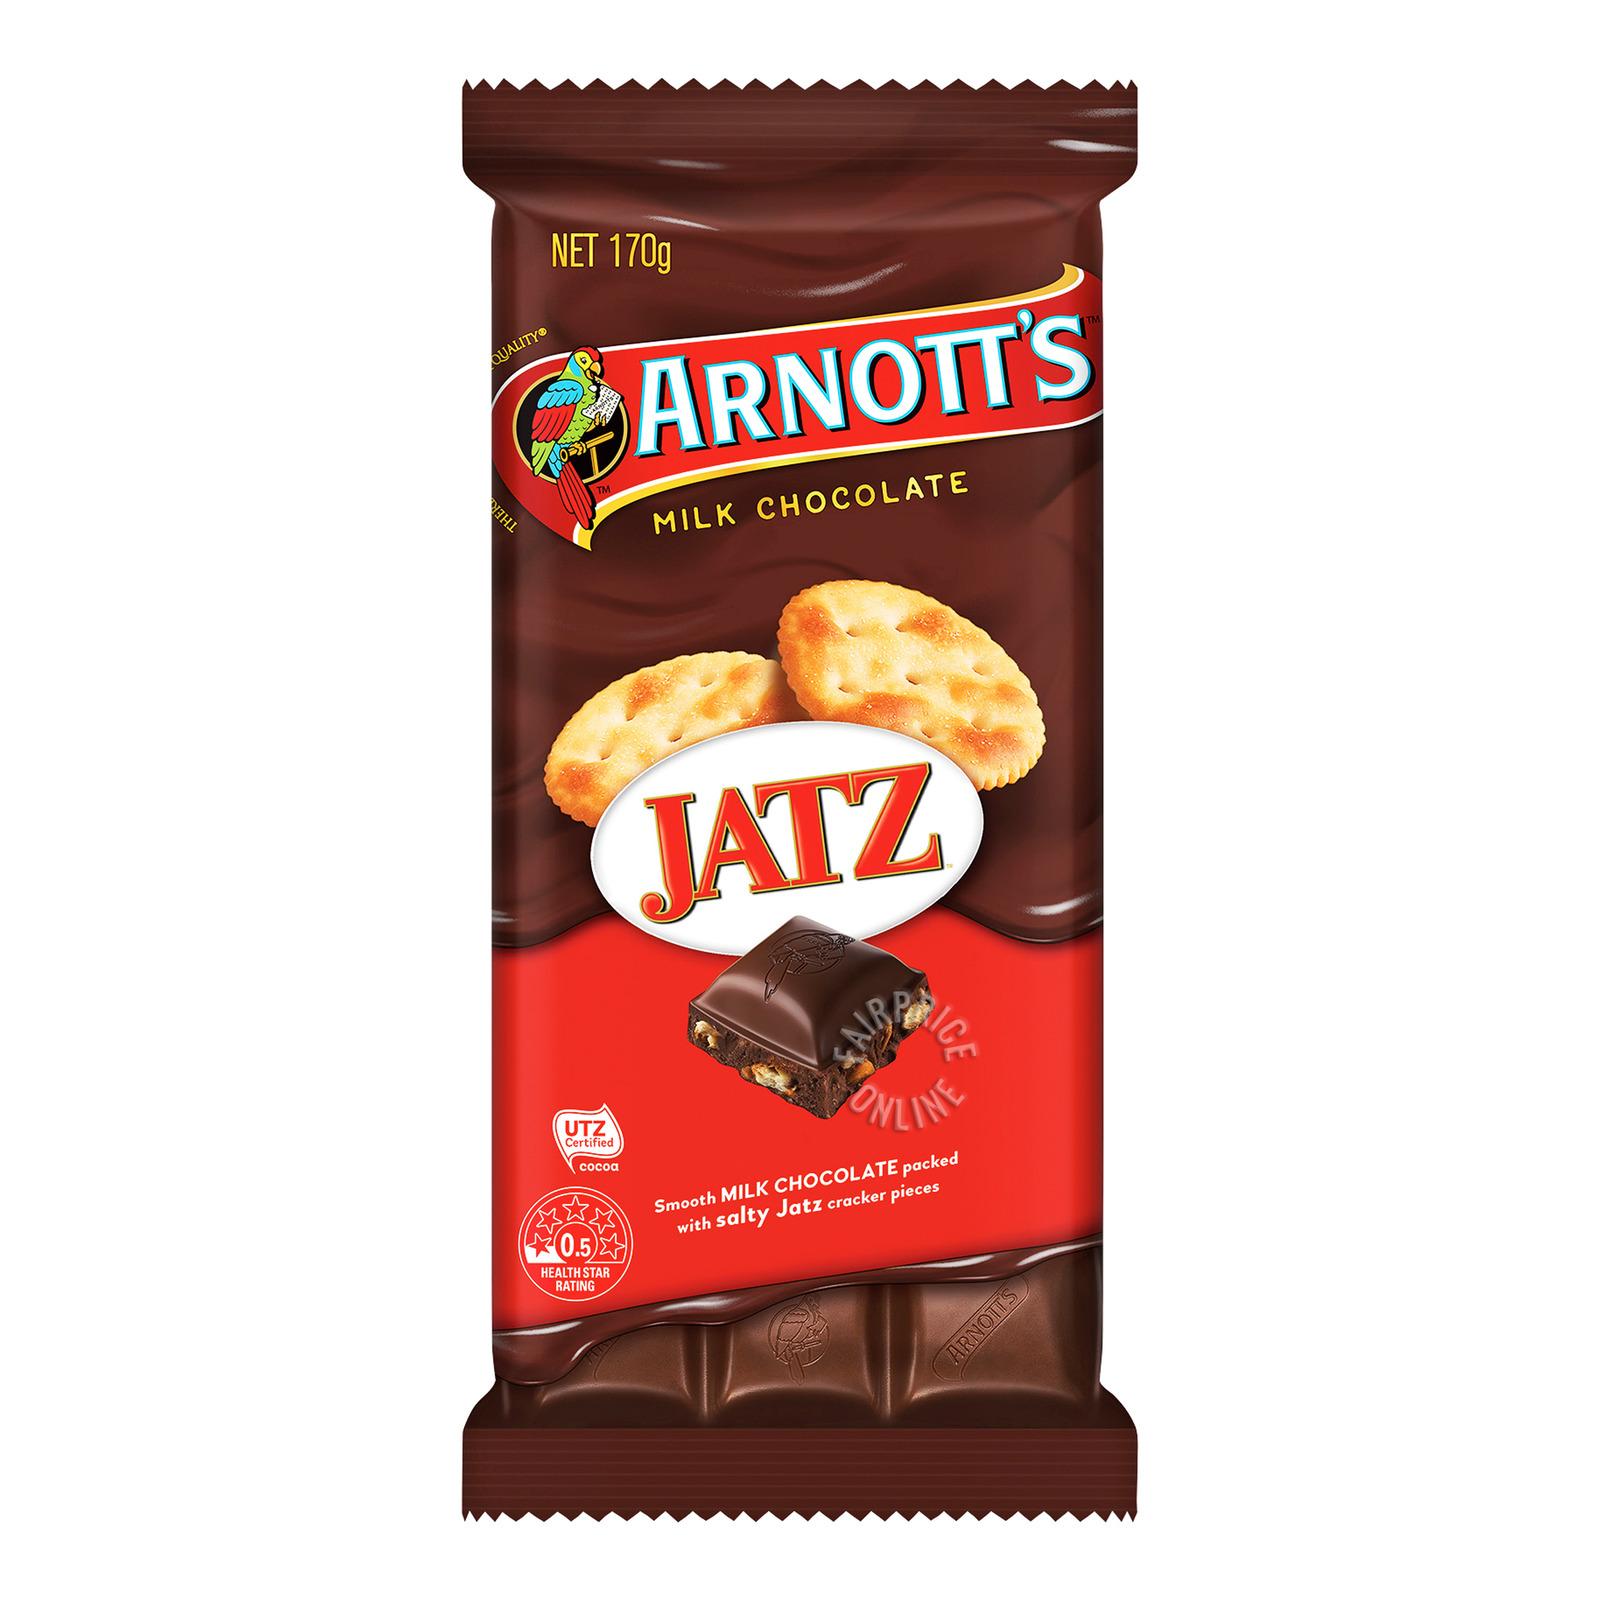 Arnott's Milk Chocolate Bar - Jatz